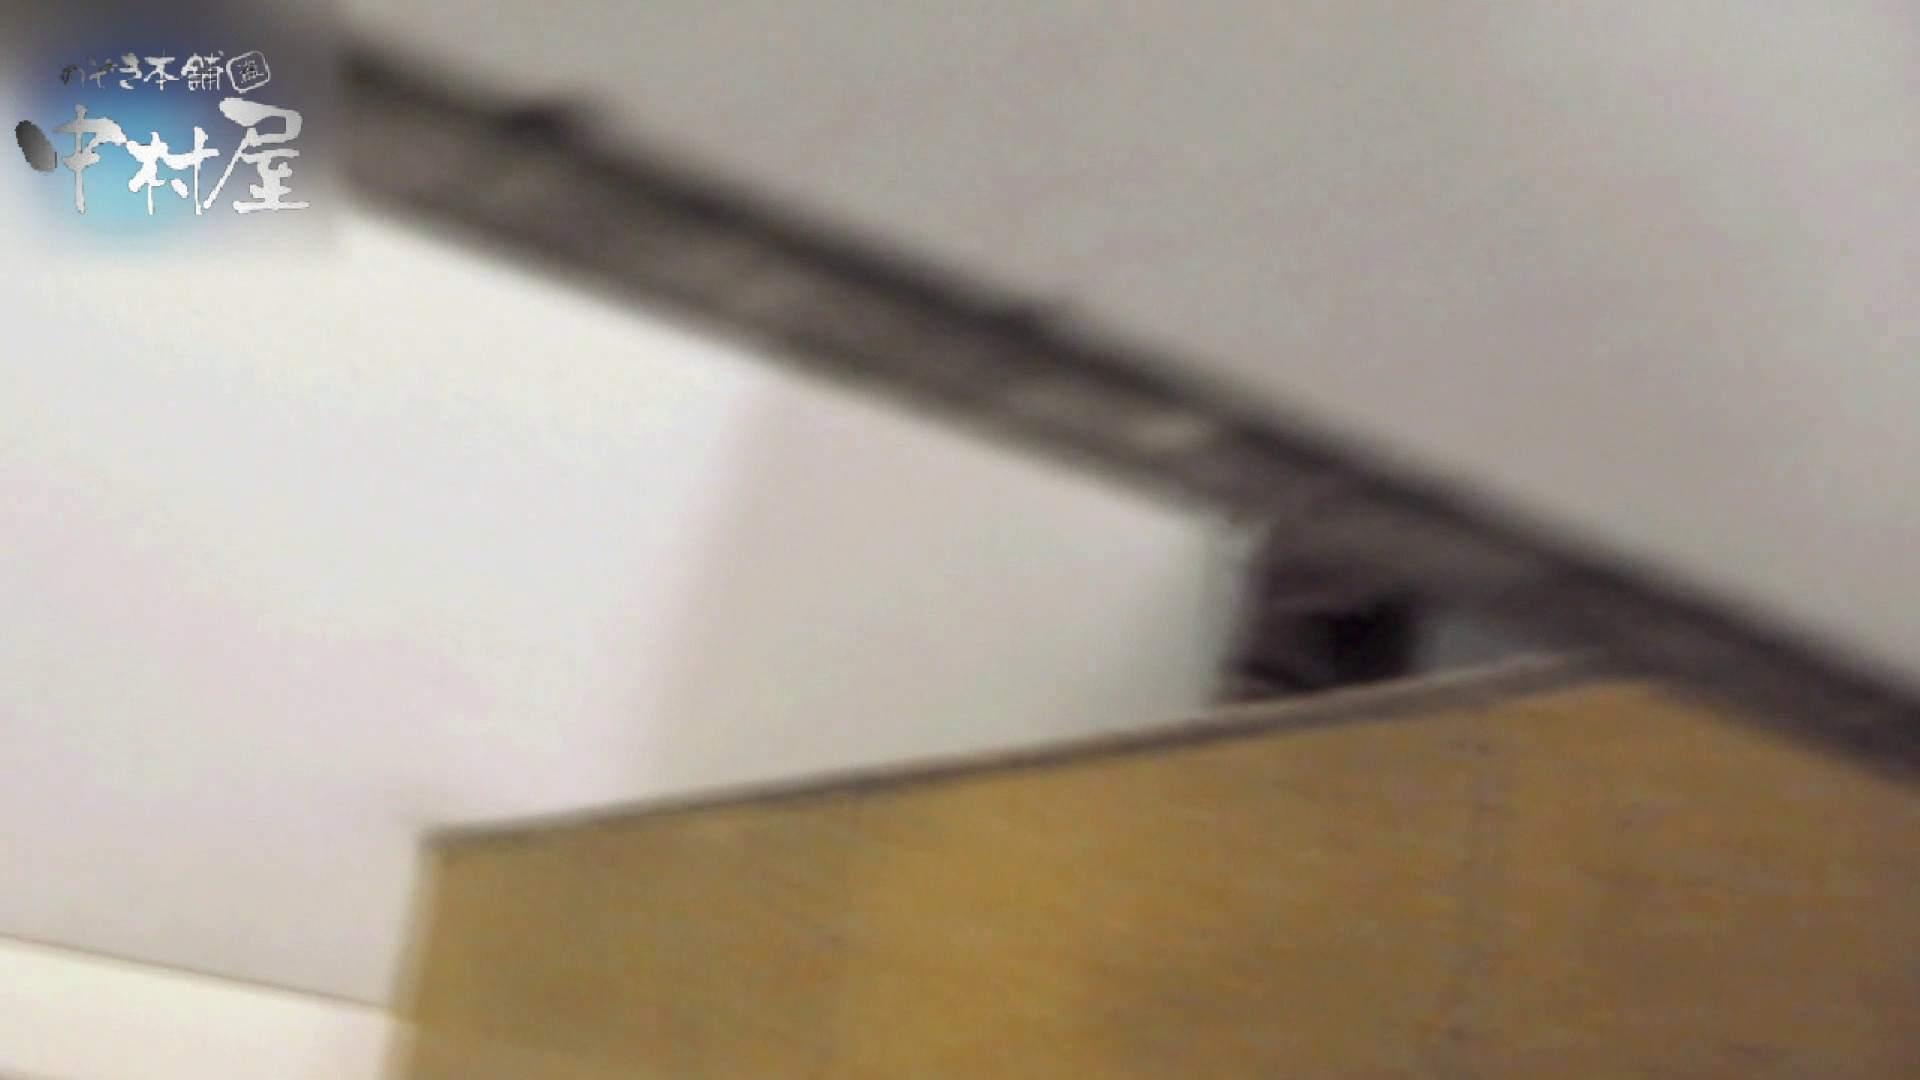 乙女集まる!ショッピングモール潜入撮vol.11 潜入突撃 おめこ無修正動画無料 78pic 69